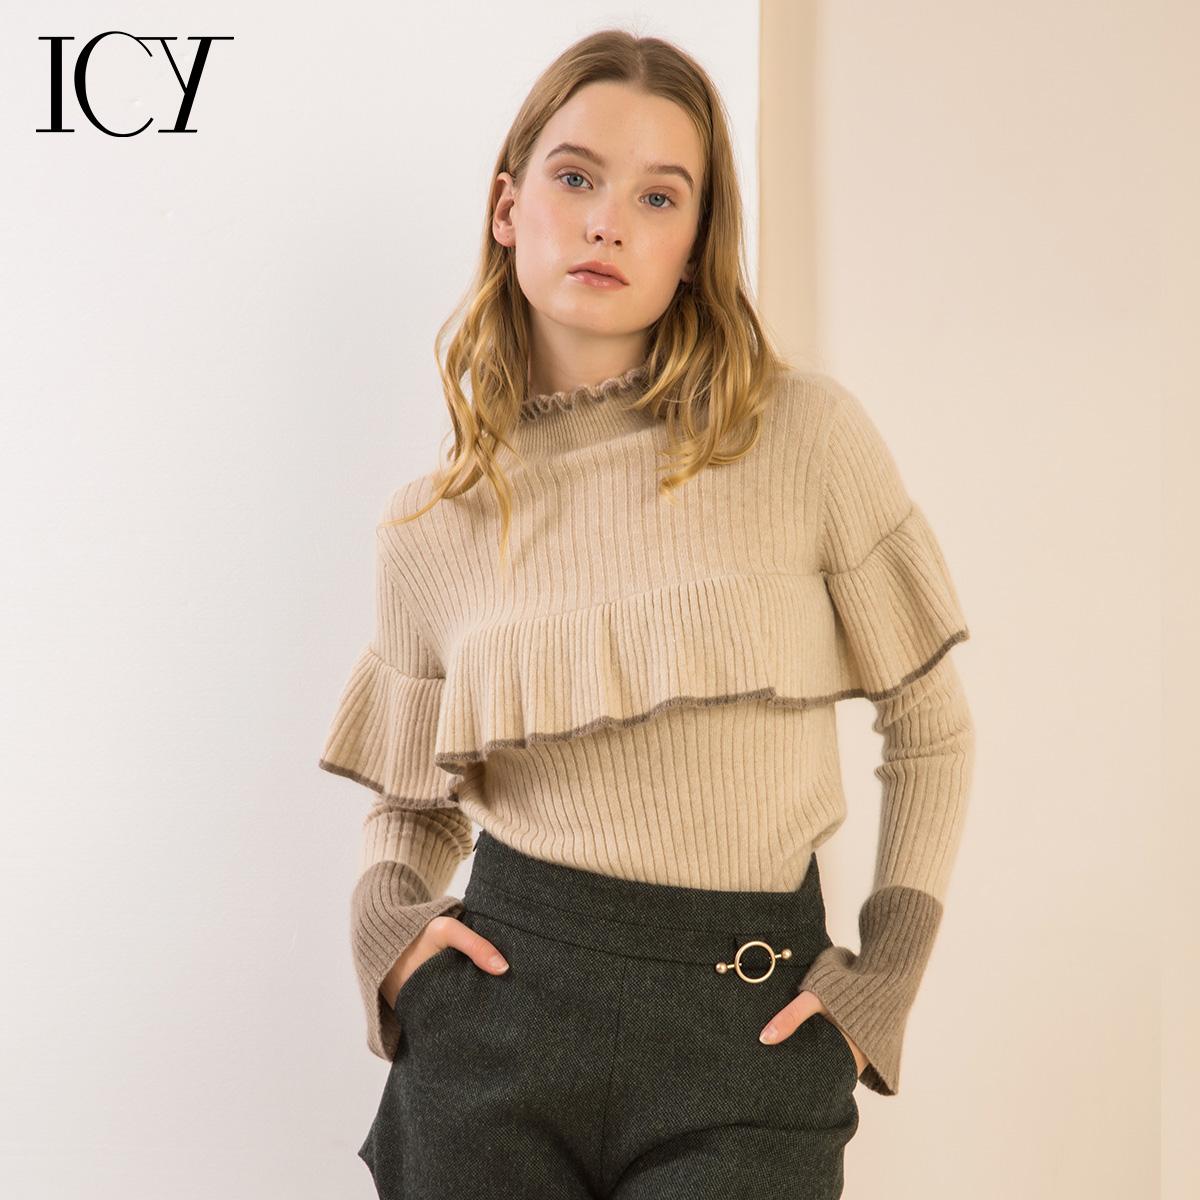 icy荷叶边纯羊绒衫女 修身喇叭袖针织衫秋冬羊毛衫毛衣女